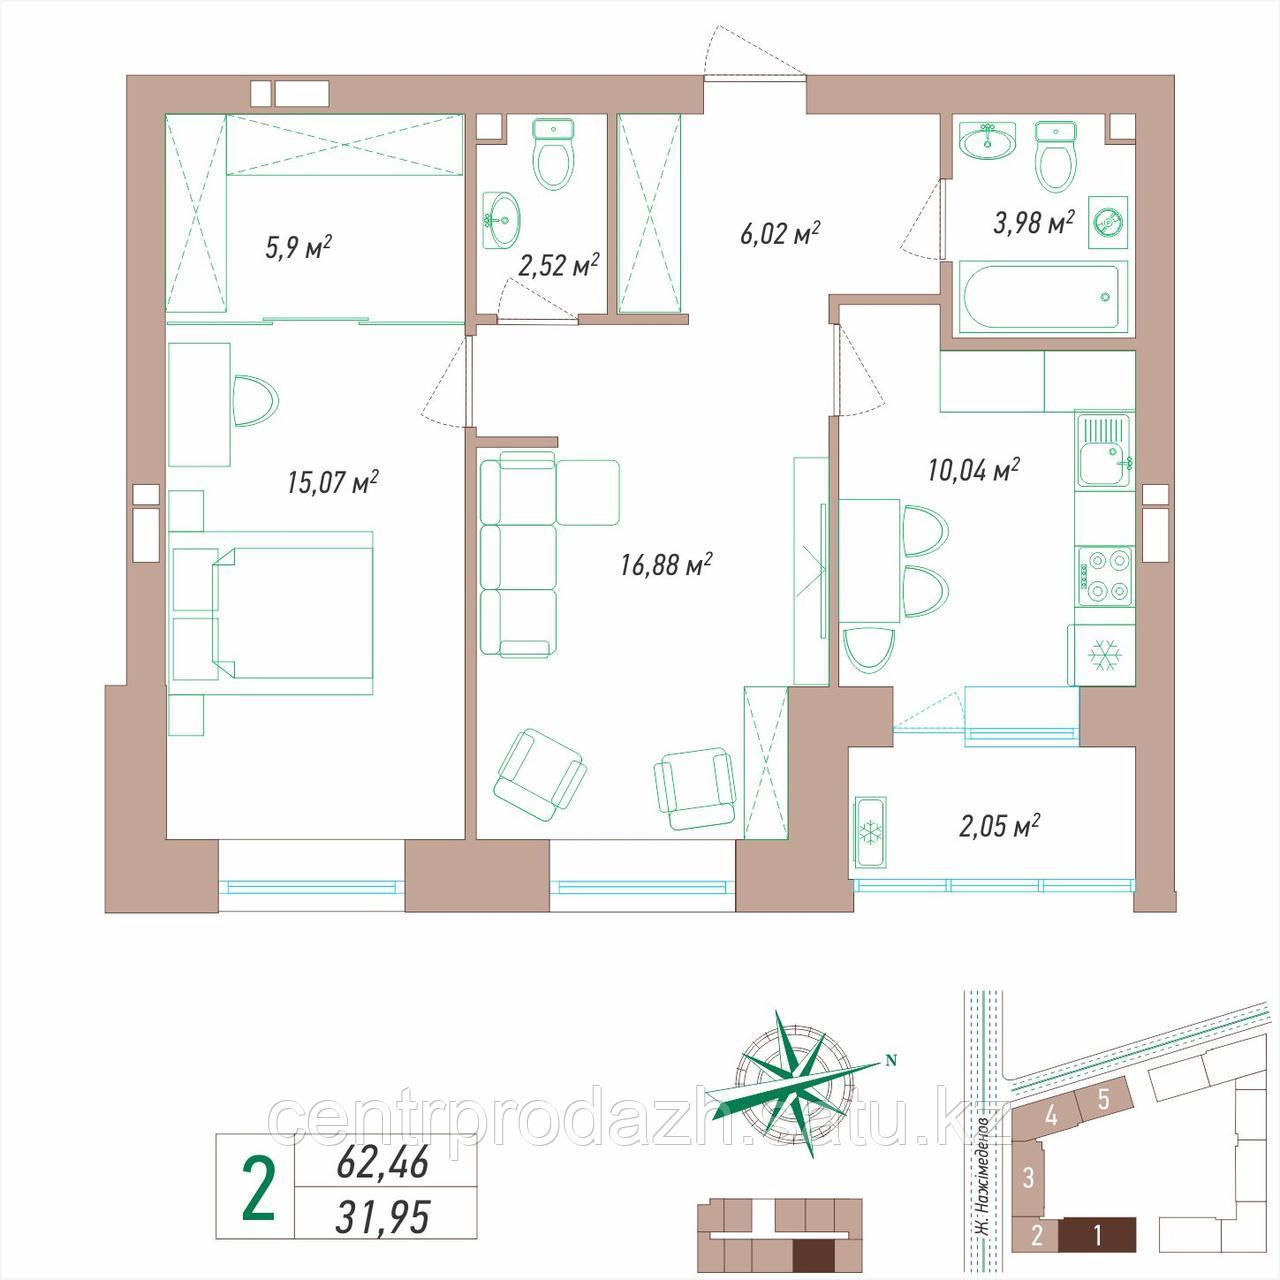 2 комнатная квартира в ЖК VIEW PARK 62.46 м²